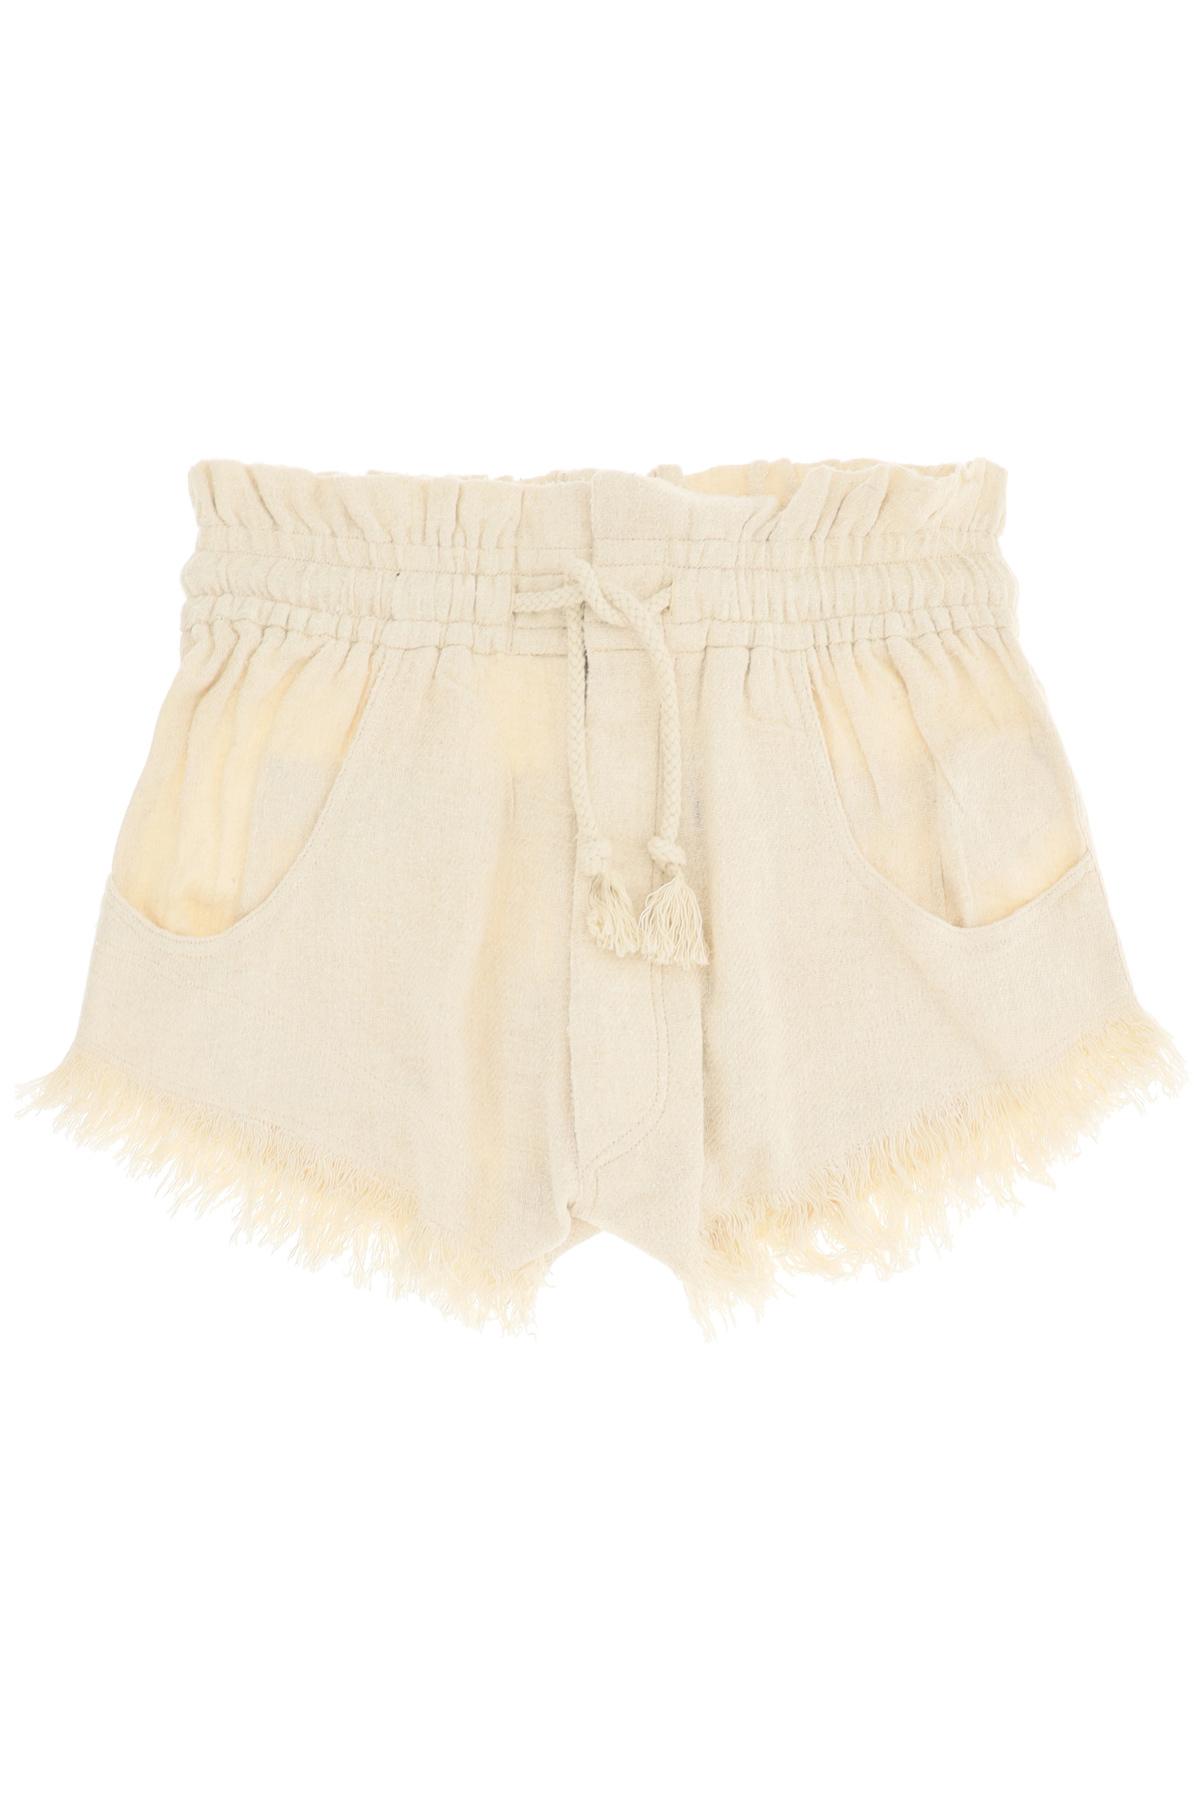 Isabel marant shorts talapiz in seta